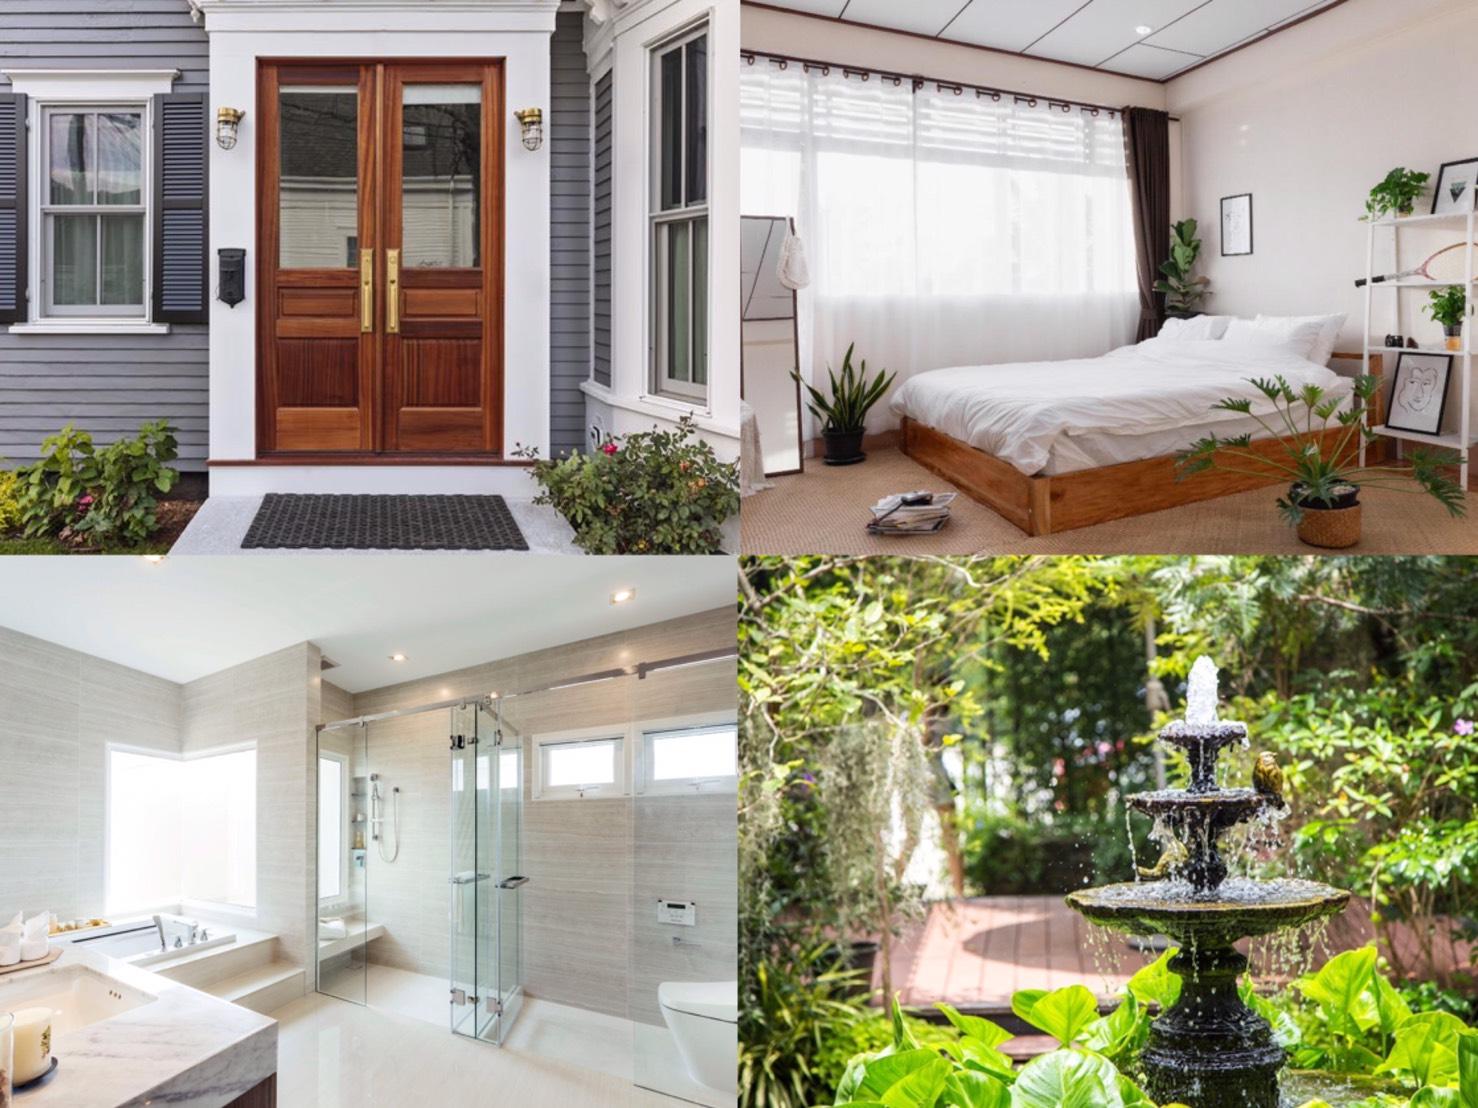 แต่งบ้านตามฮวงจุ้ย ห้องน้ำควรปิดประตูให้สนิท